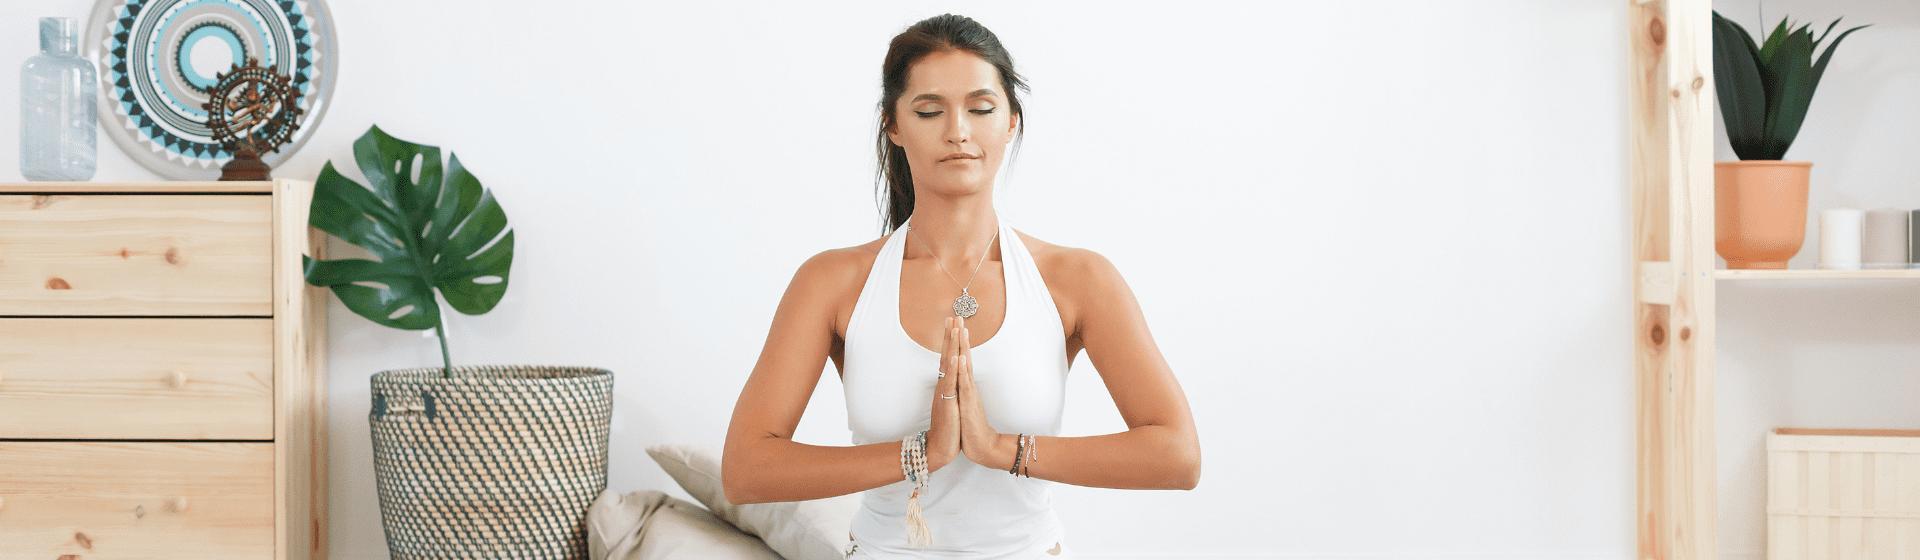 Yoga em casa: o que você precisa ter para começar a prática